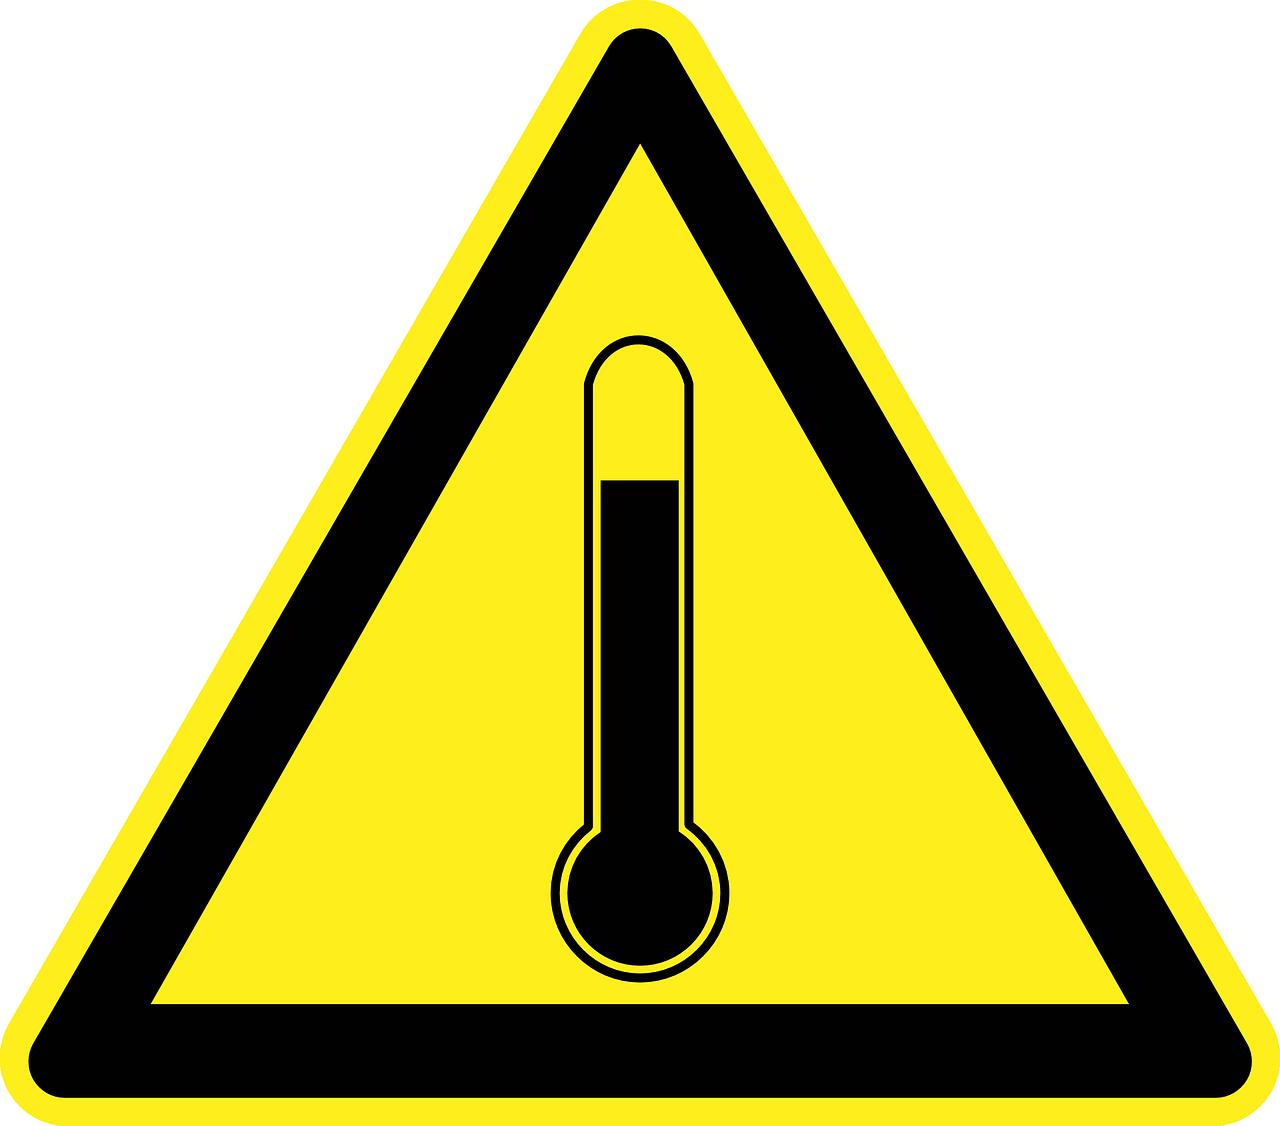 Y a-t-il une température maximale sur le lieu de travail ?